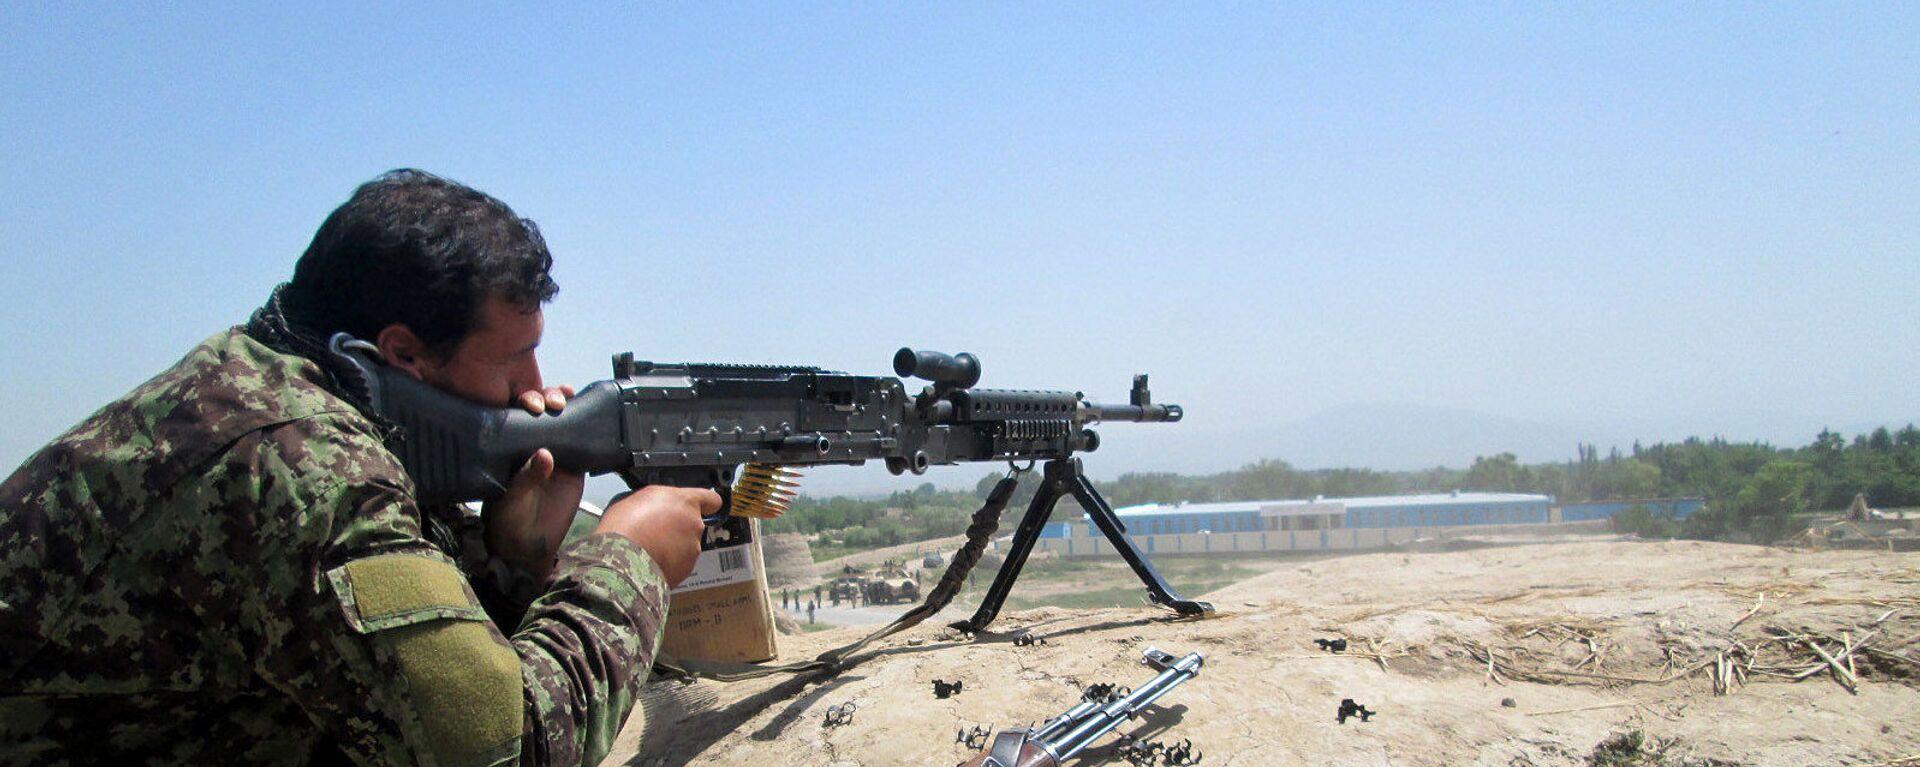 Афганский силовик во время боя с талибами, архивное фото - Sputnik Таджикистан, 1920, 24.06.2021